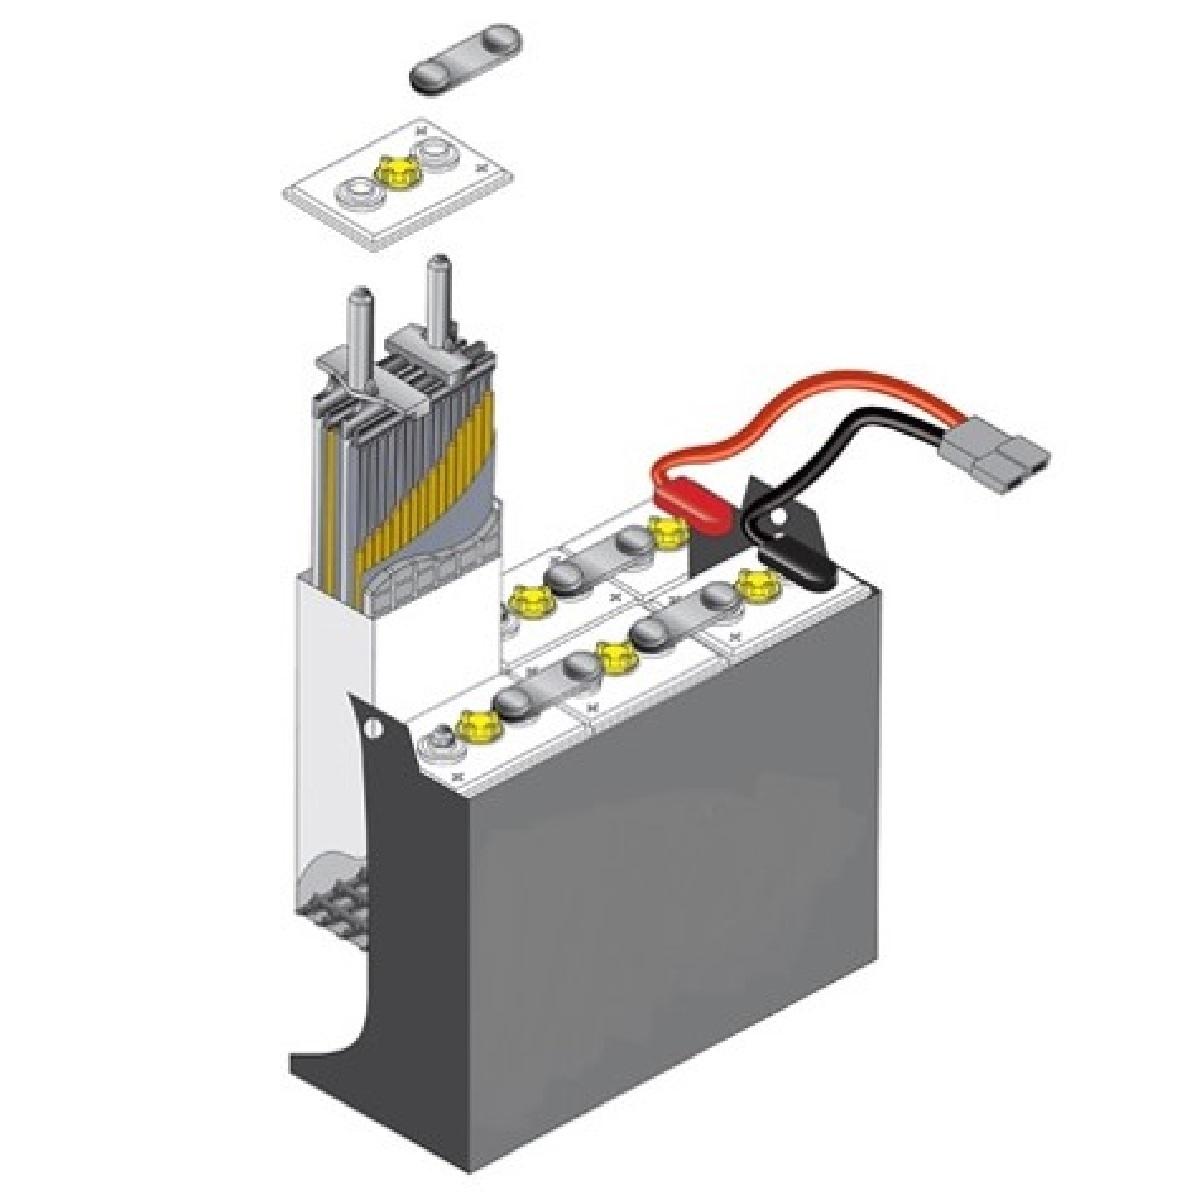 Electric Forklift Battery 18-85-23, 36 Volt, 935 Ah (at 6 hr )